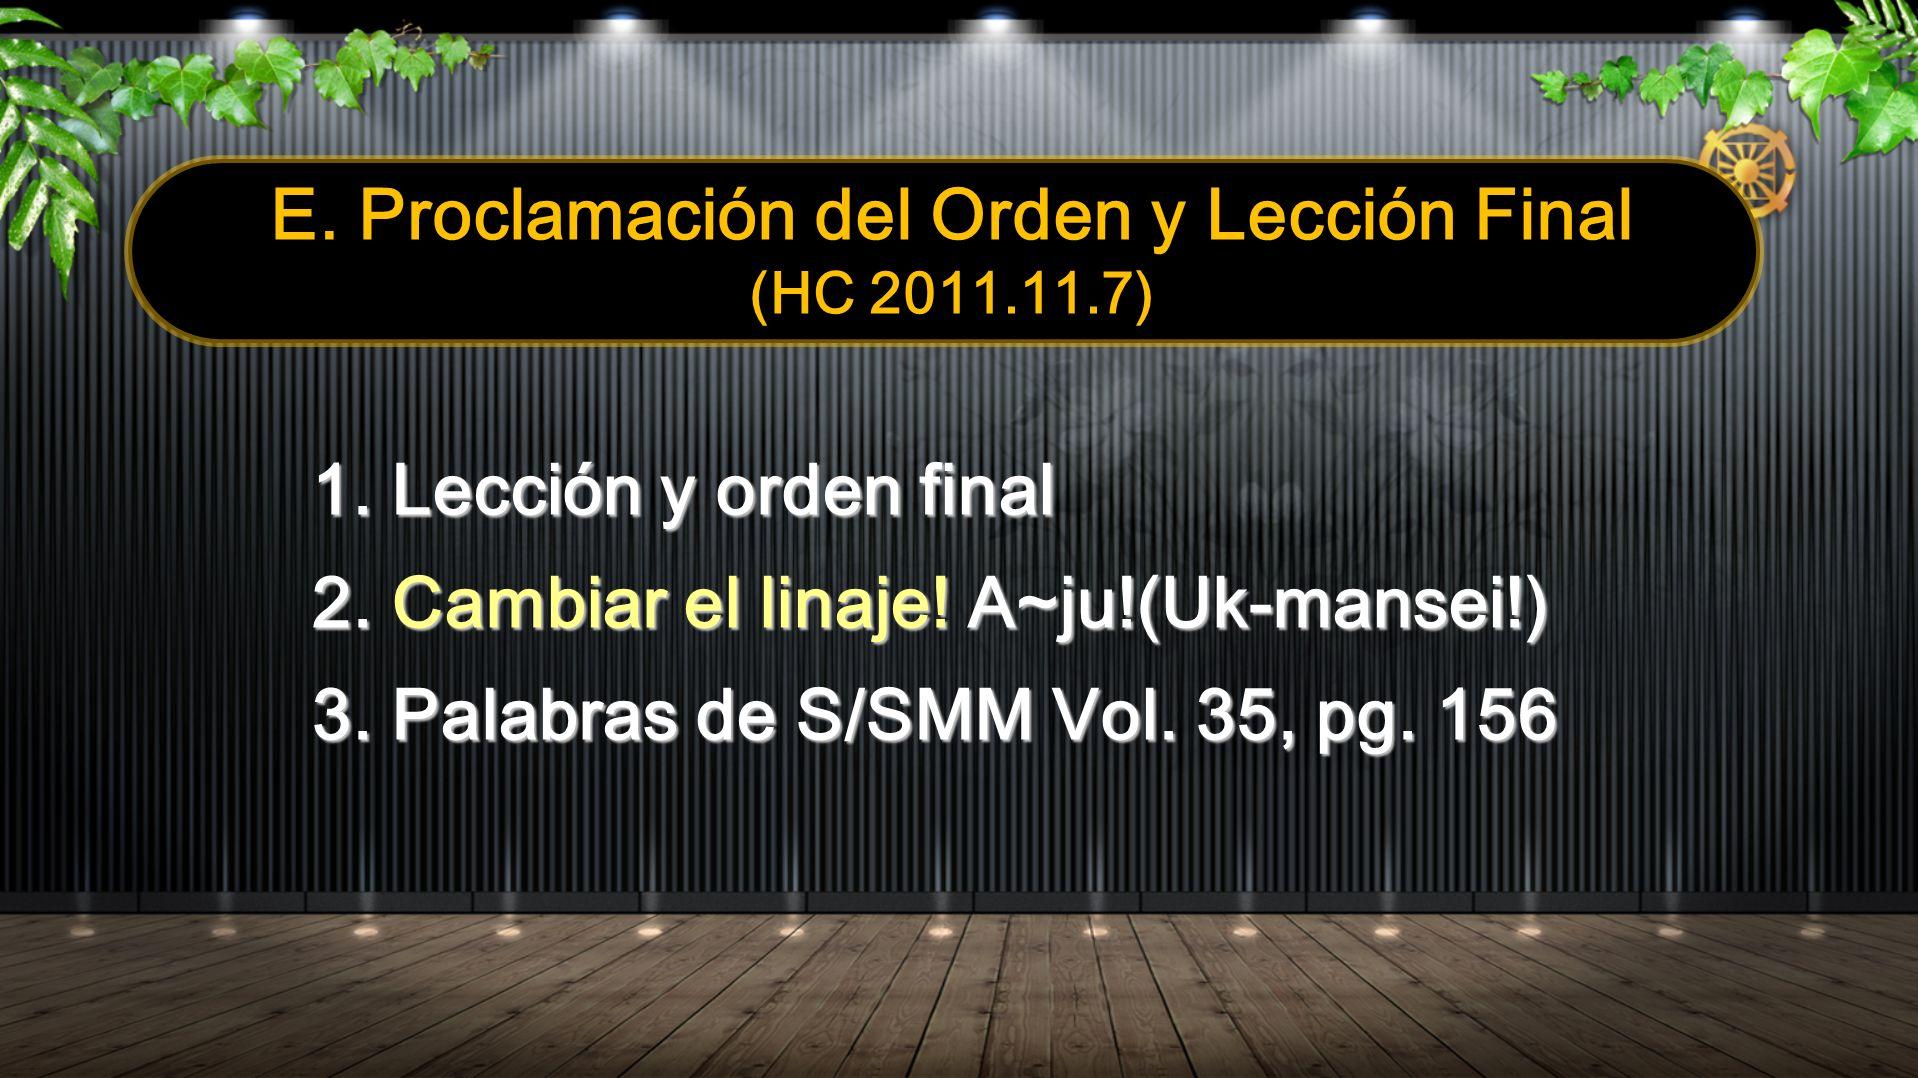 E. Proclamación del Orden y Lección Final